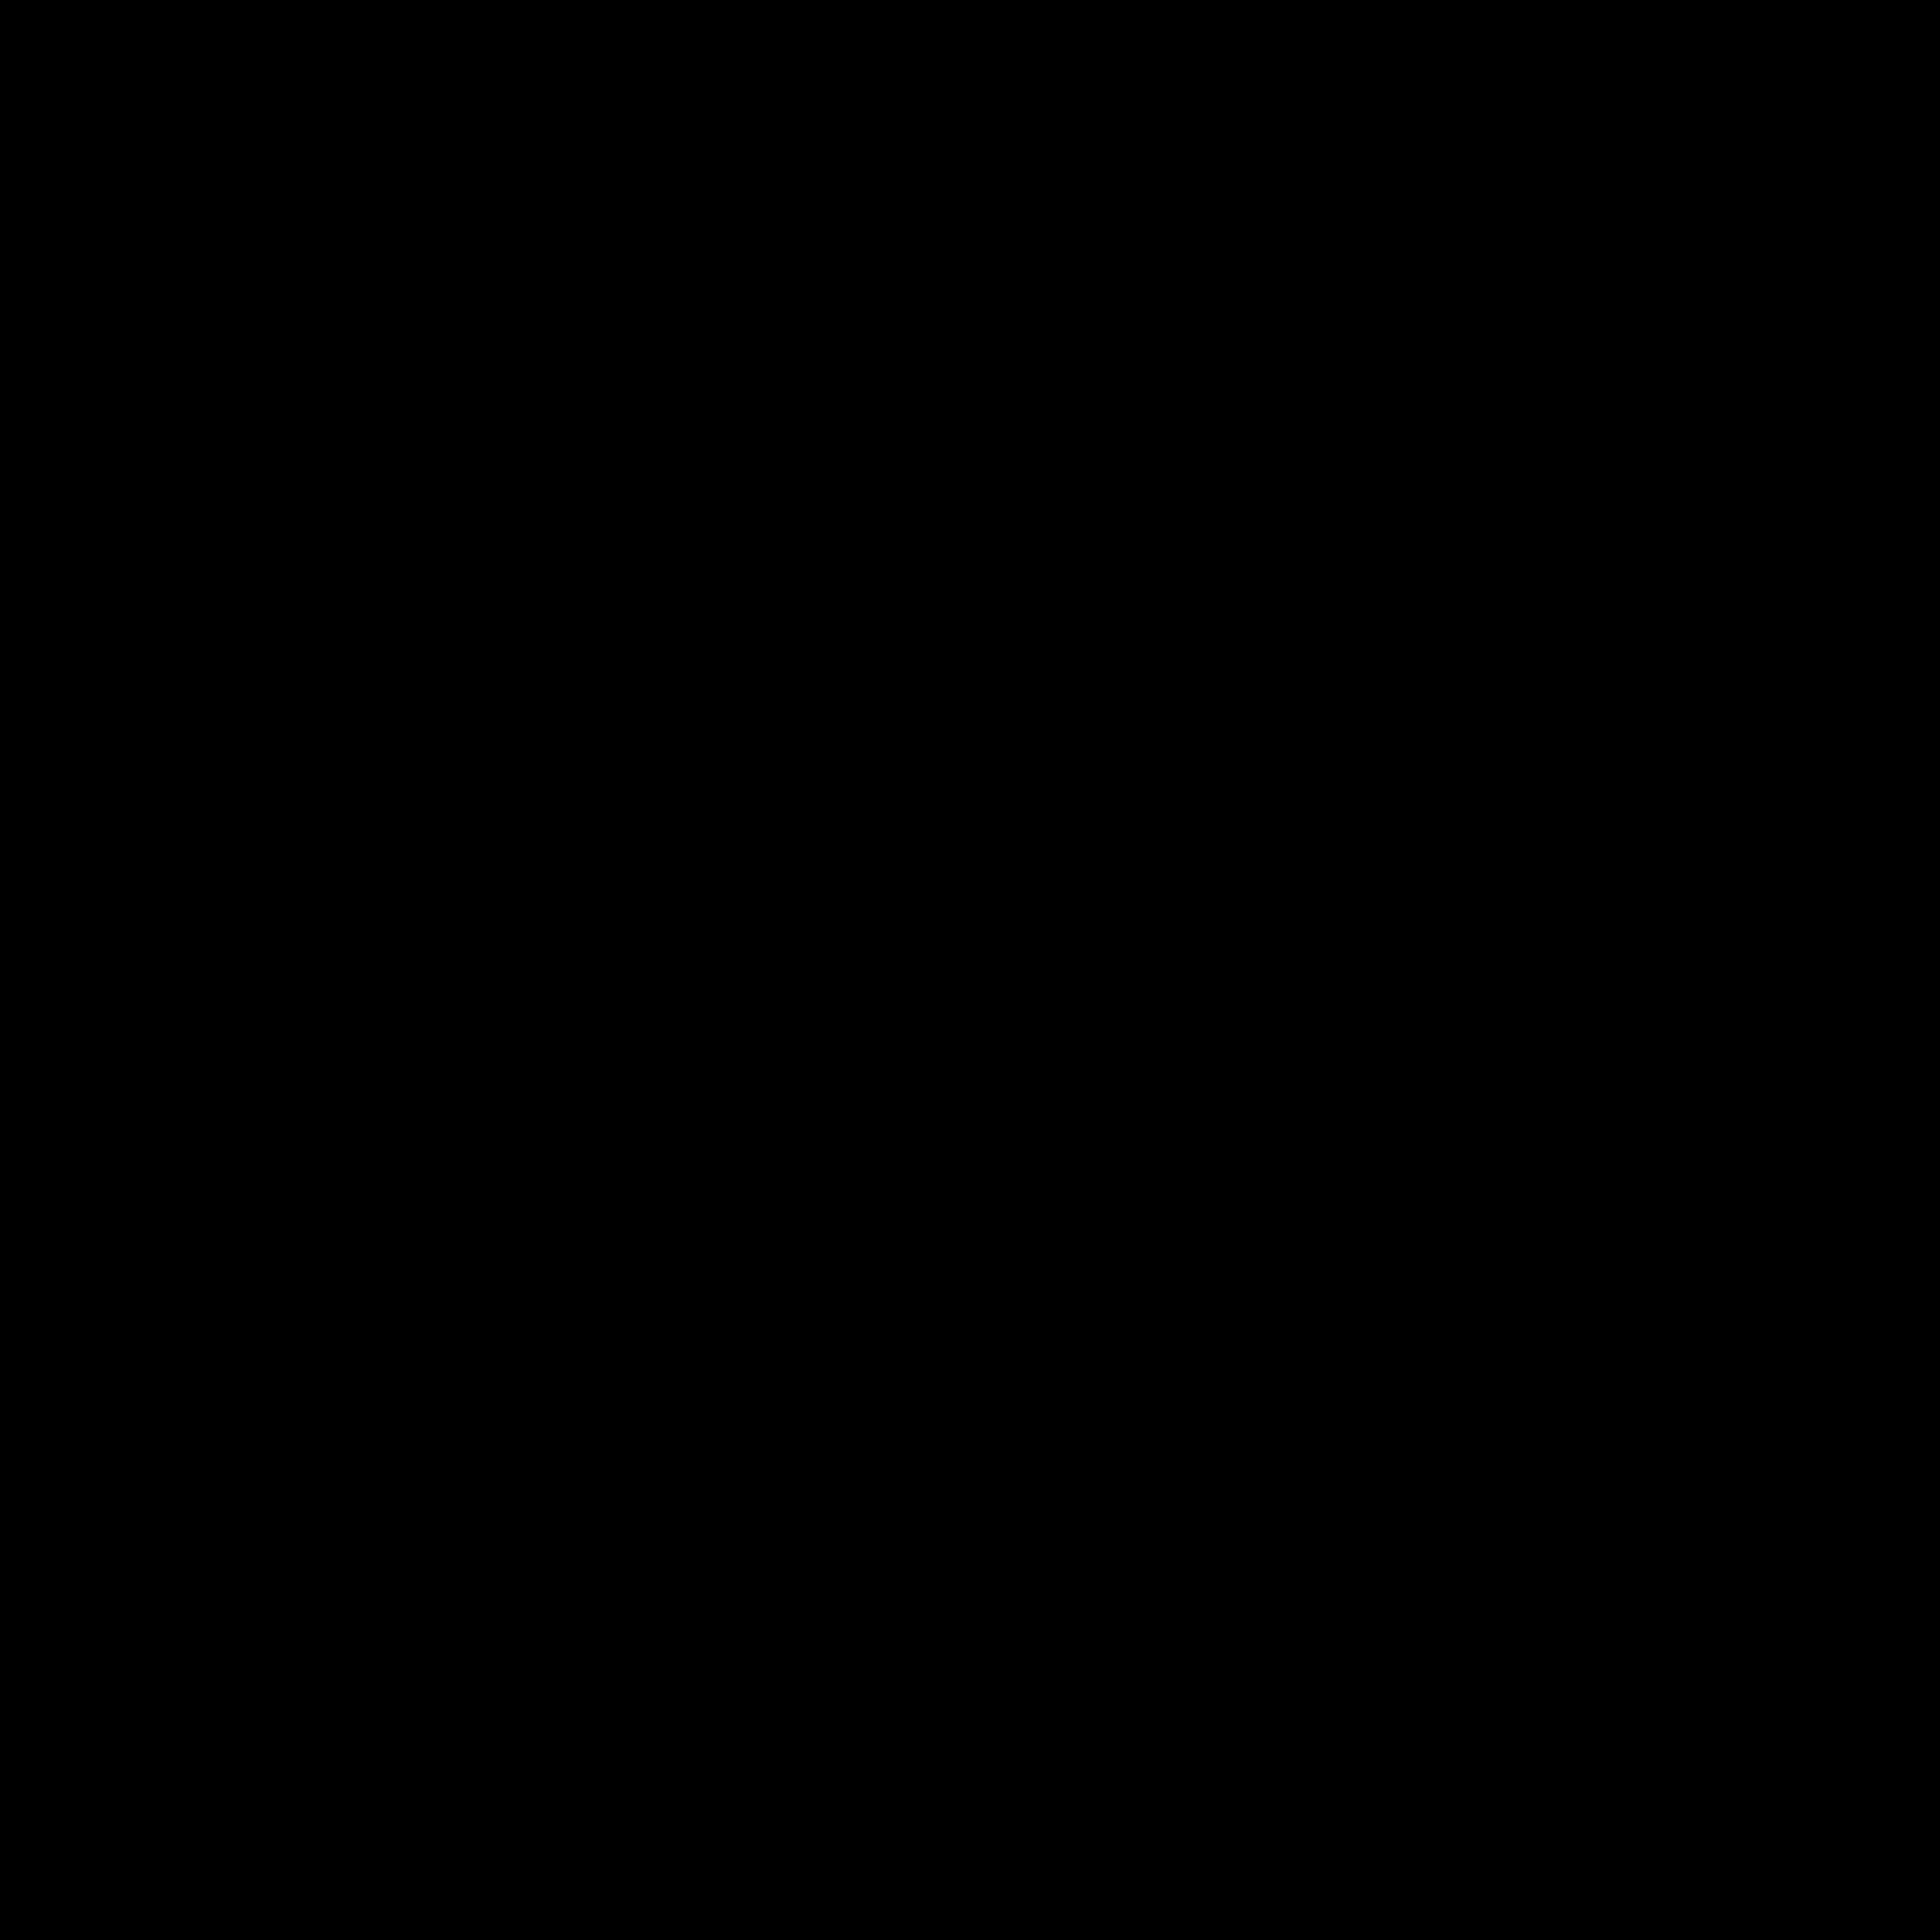 BEKO International Logo PNG Transparent & SVG Vector.